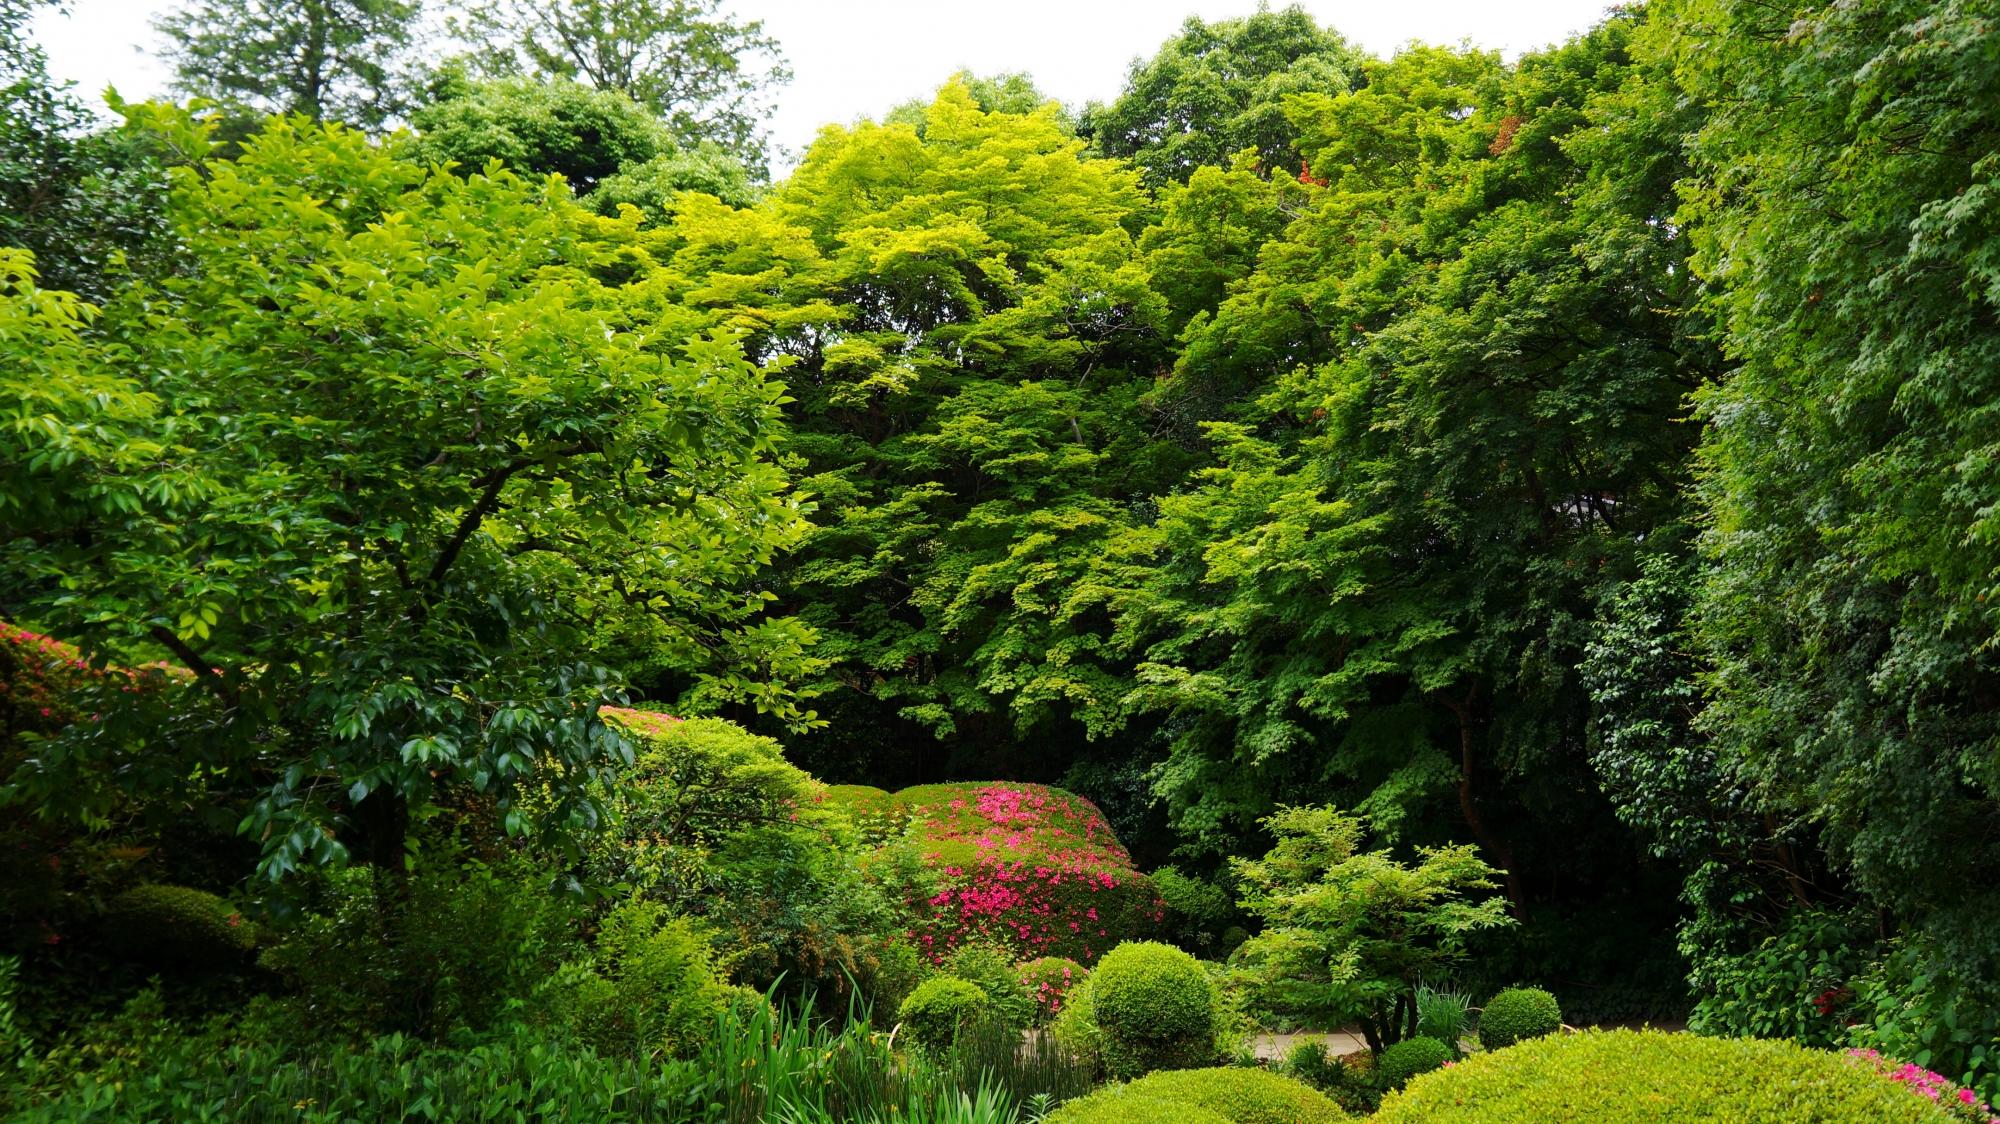 豪快な緑や青もみじにつつまれる詩仙堂